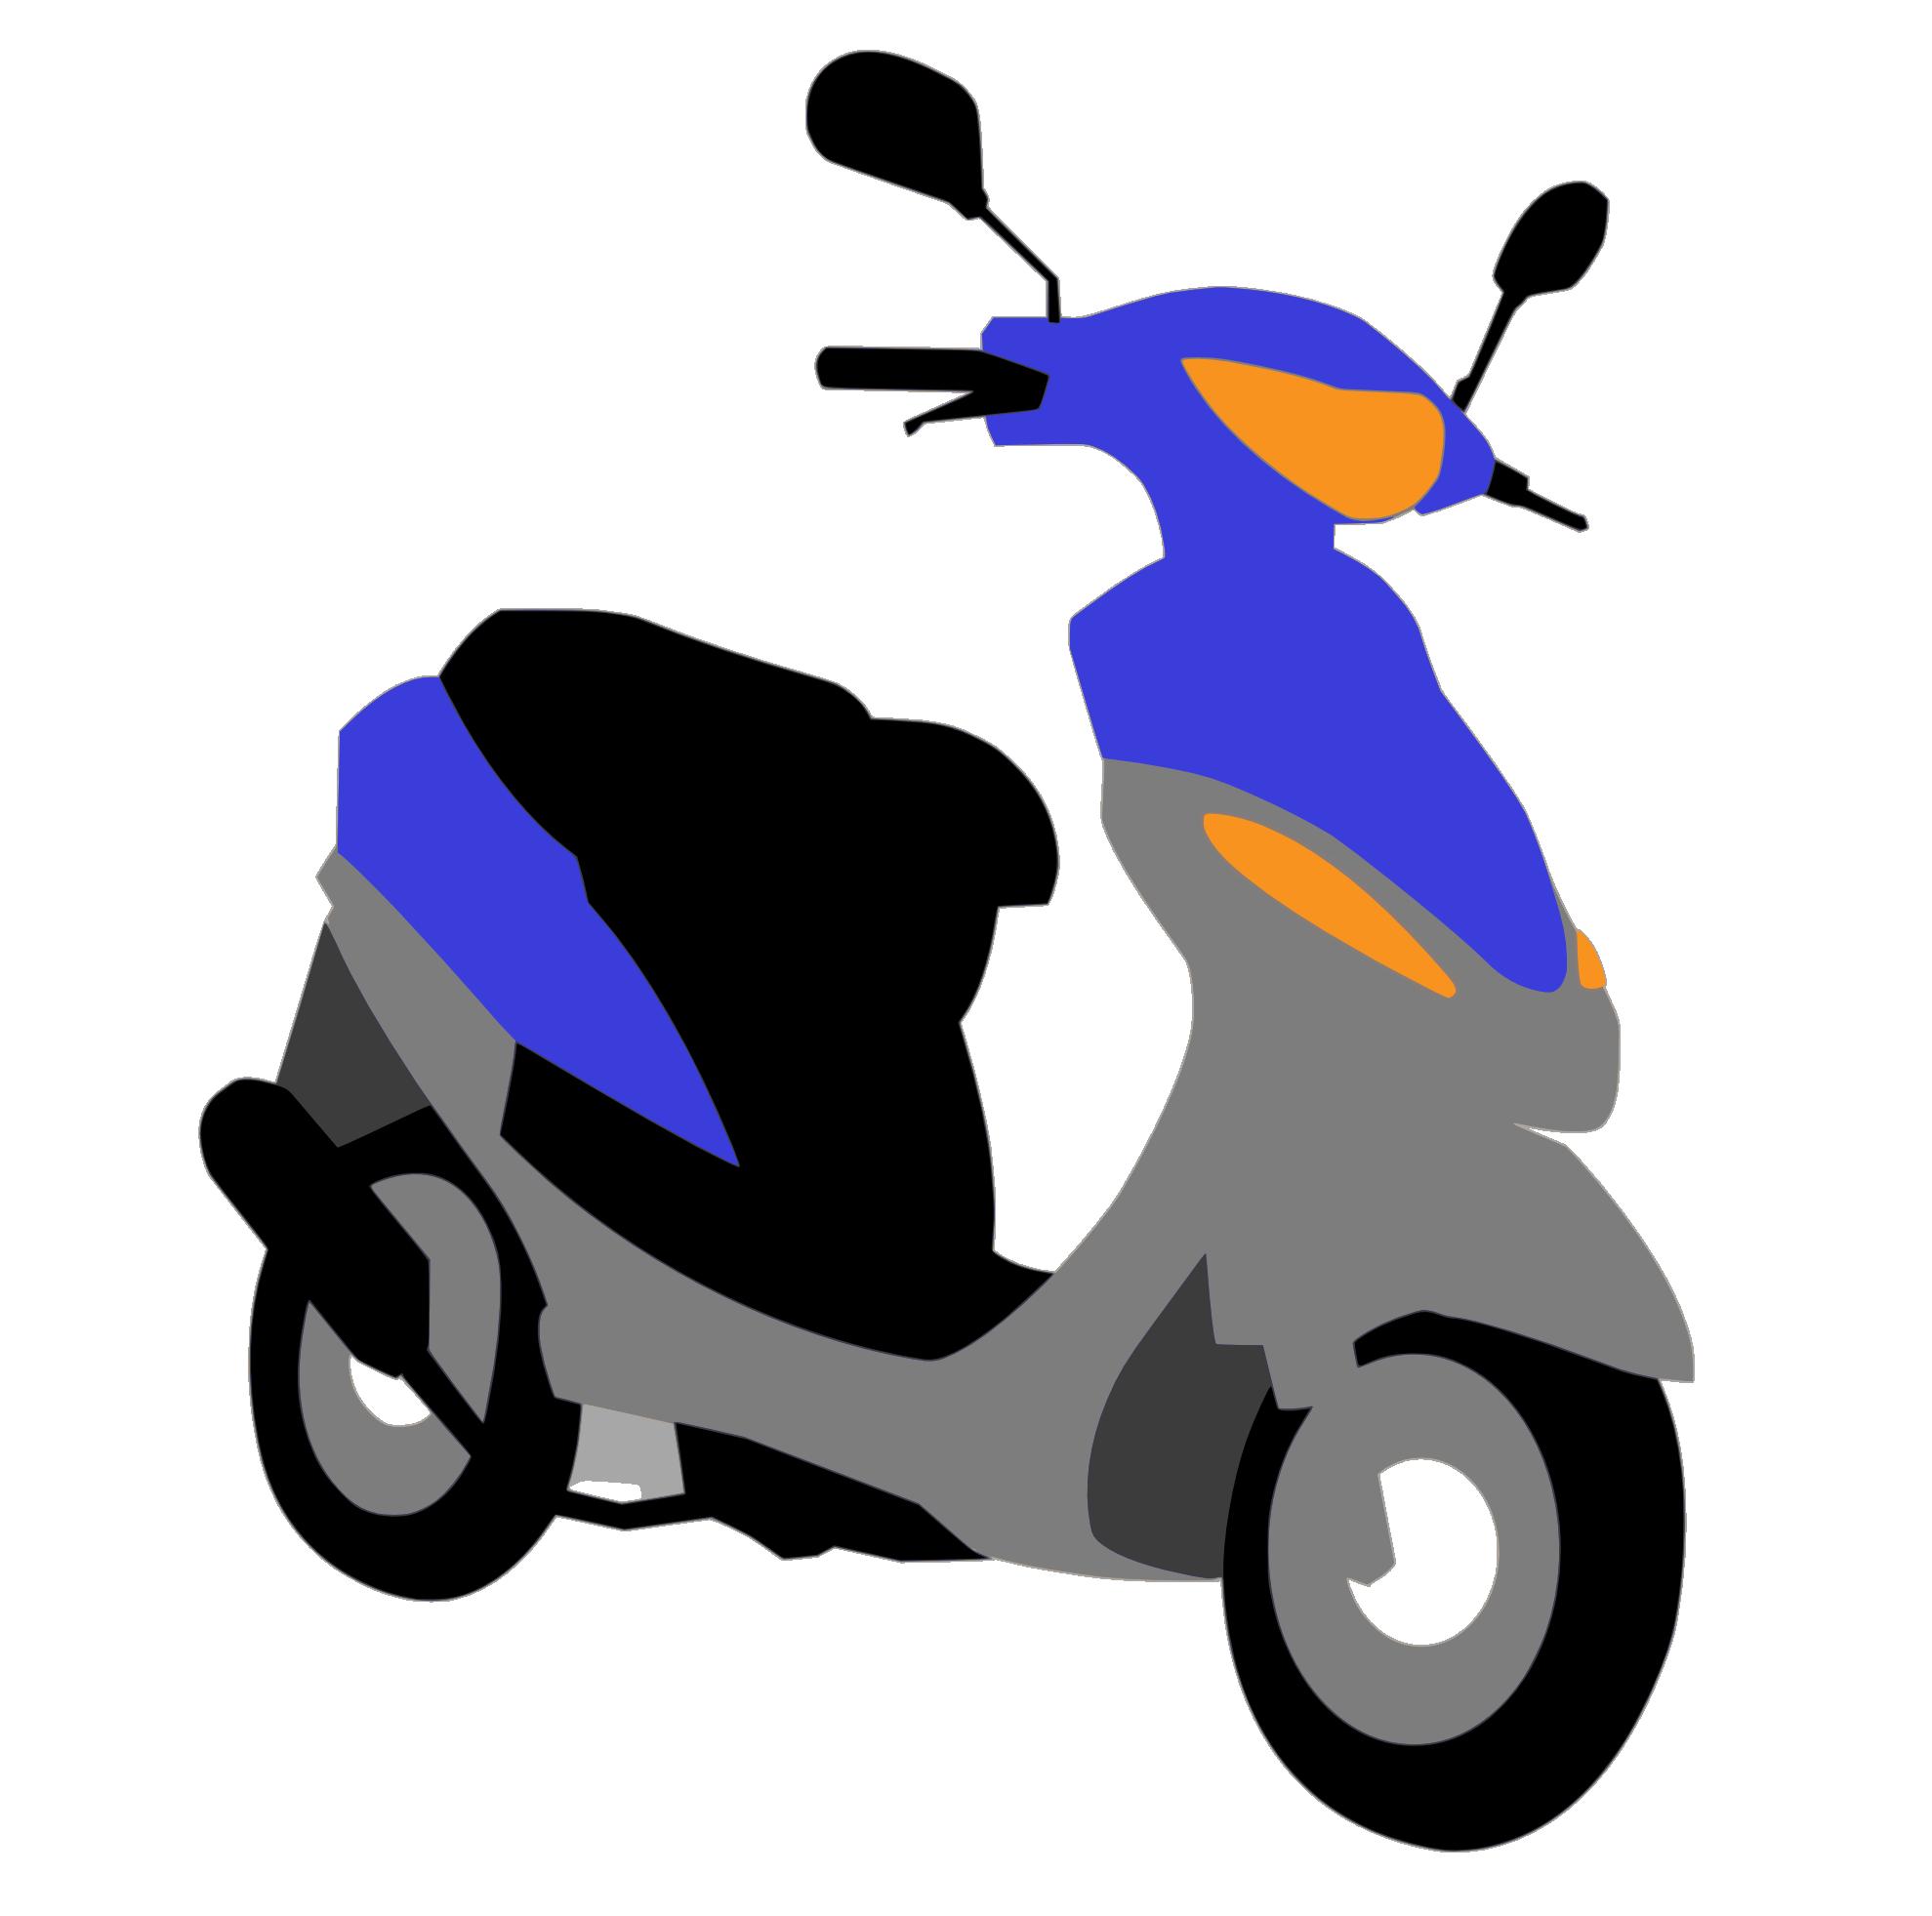 Scooter clipart scotter. Clipartist net clip art